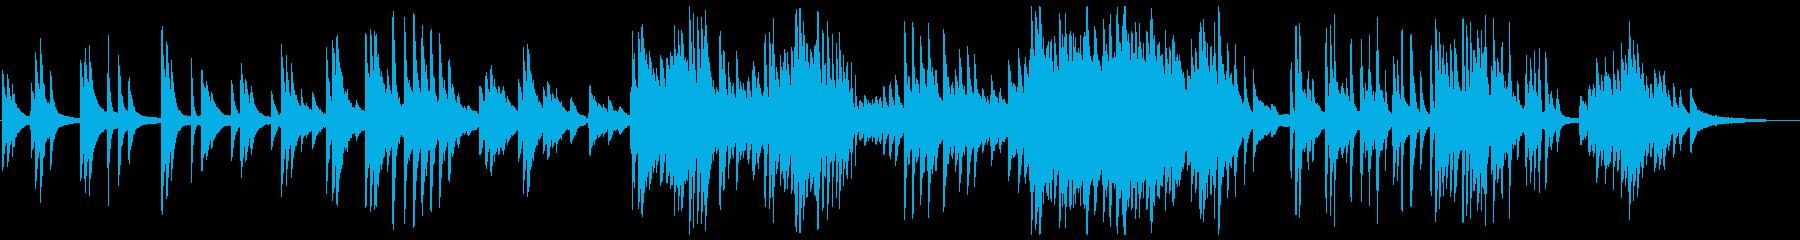 しっとり感動的なピアノの演奏の再生済みの波形